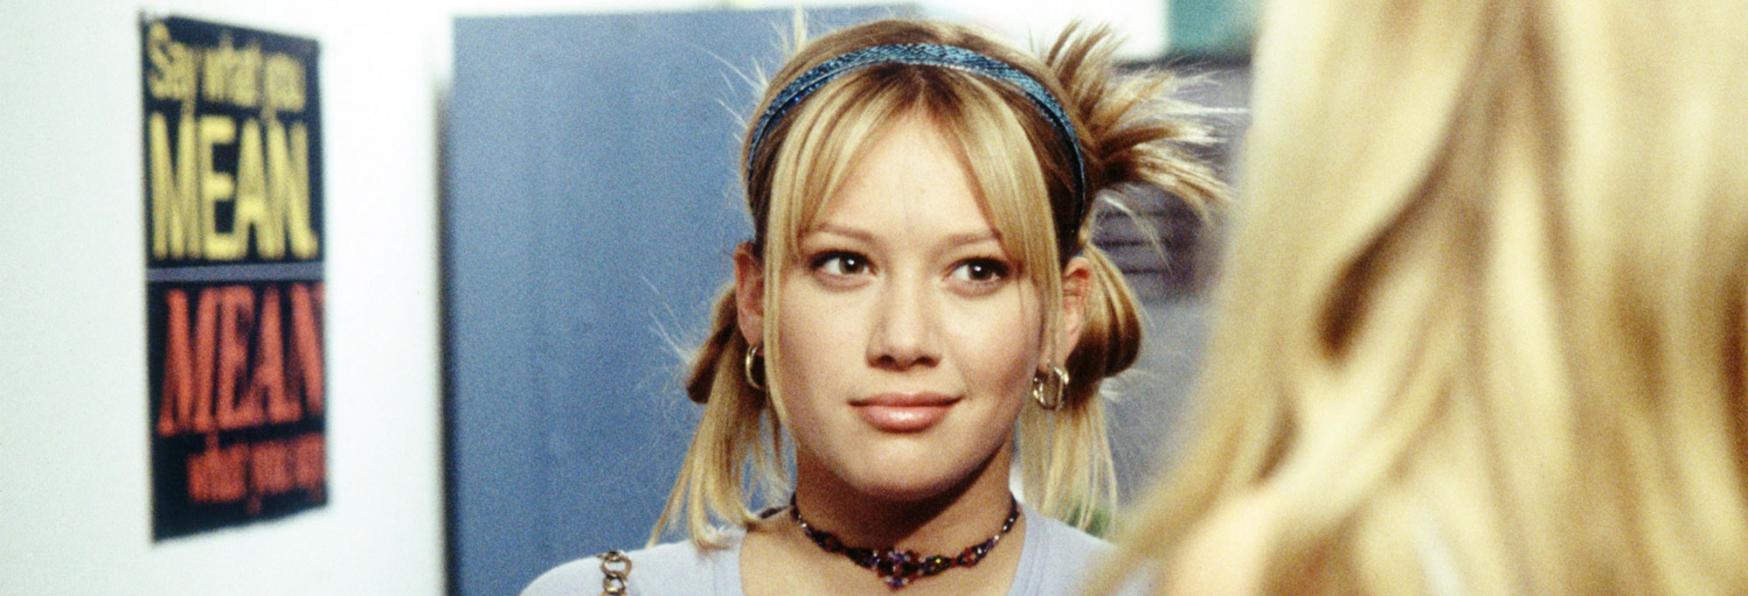 Che ne sarà del Revival di Lizzie McGuire? Le parole di Hilary Duff